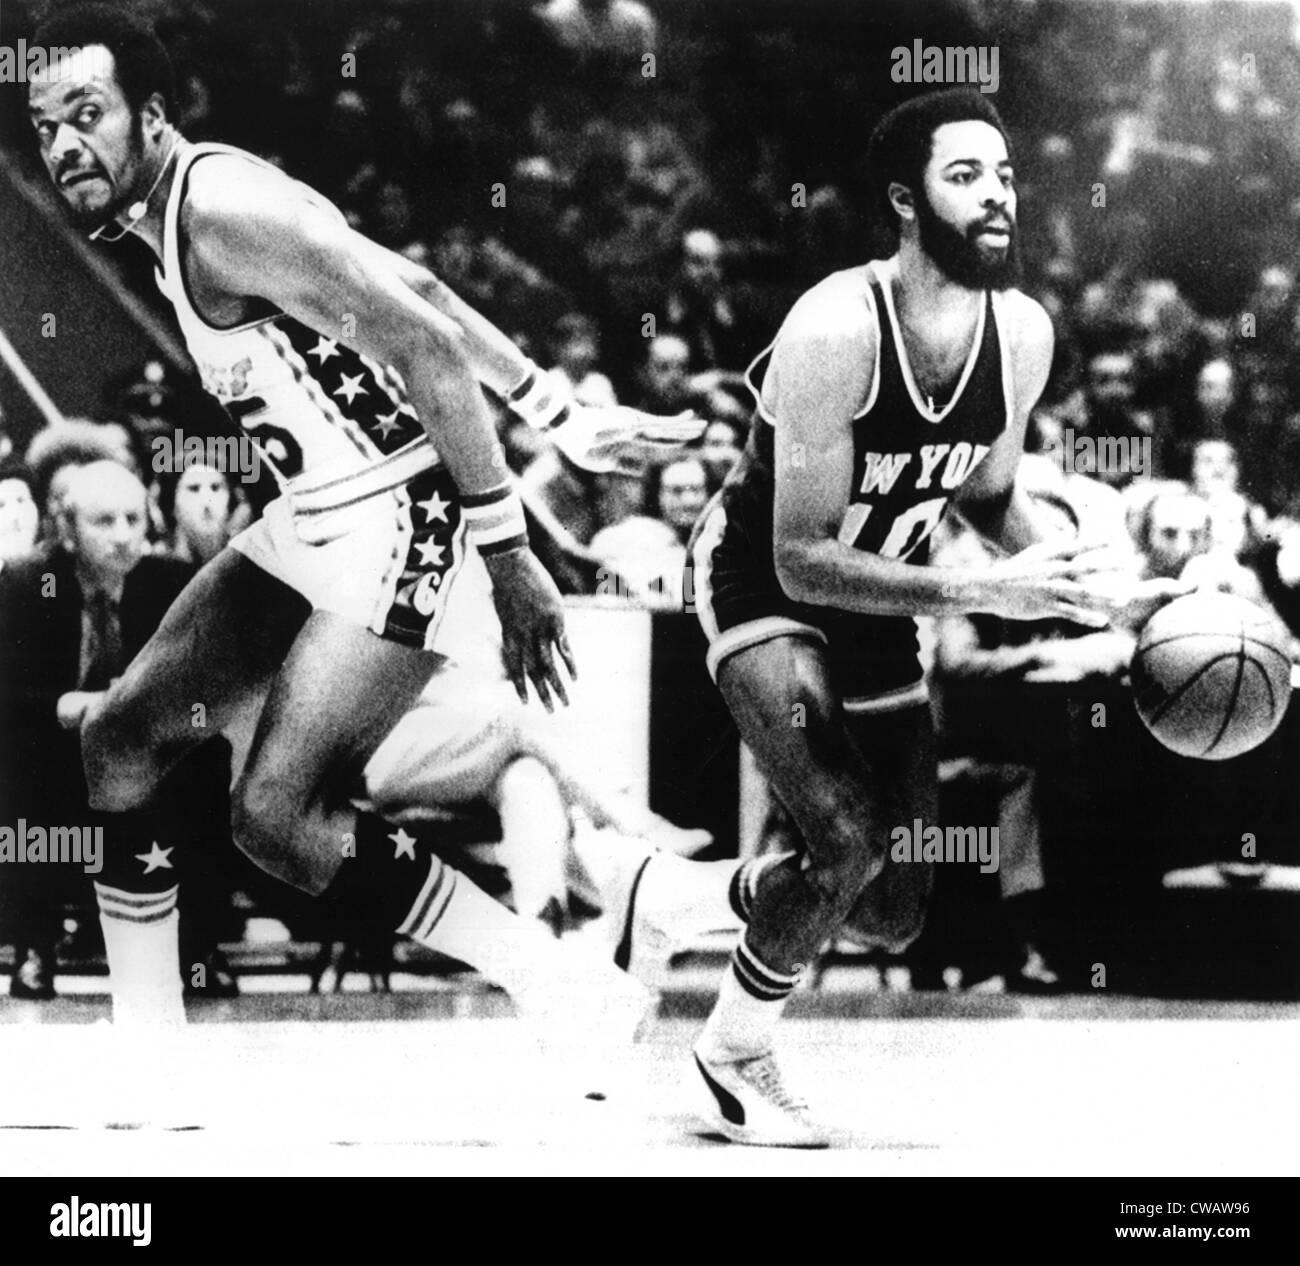 Philadelphia Sixers Bob Rule L & NY Knicks Walt Frazier R